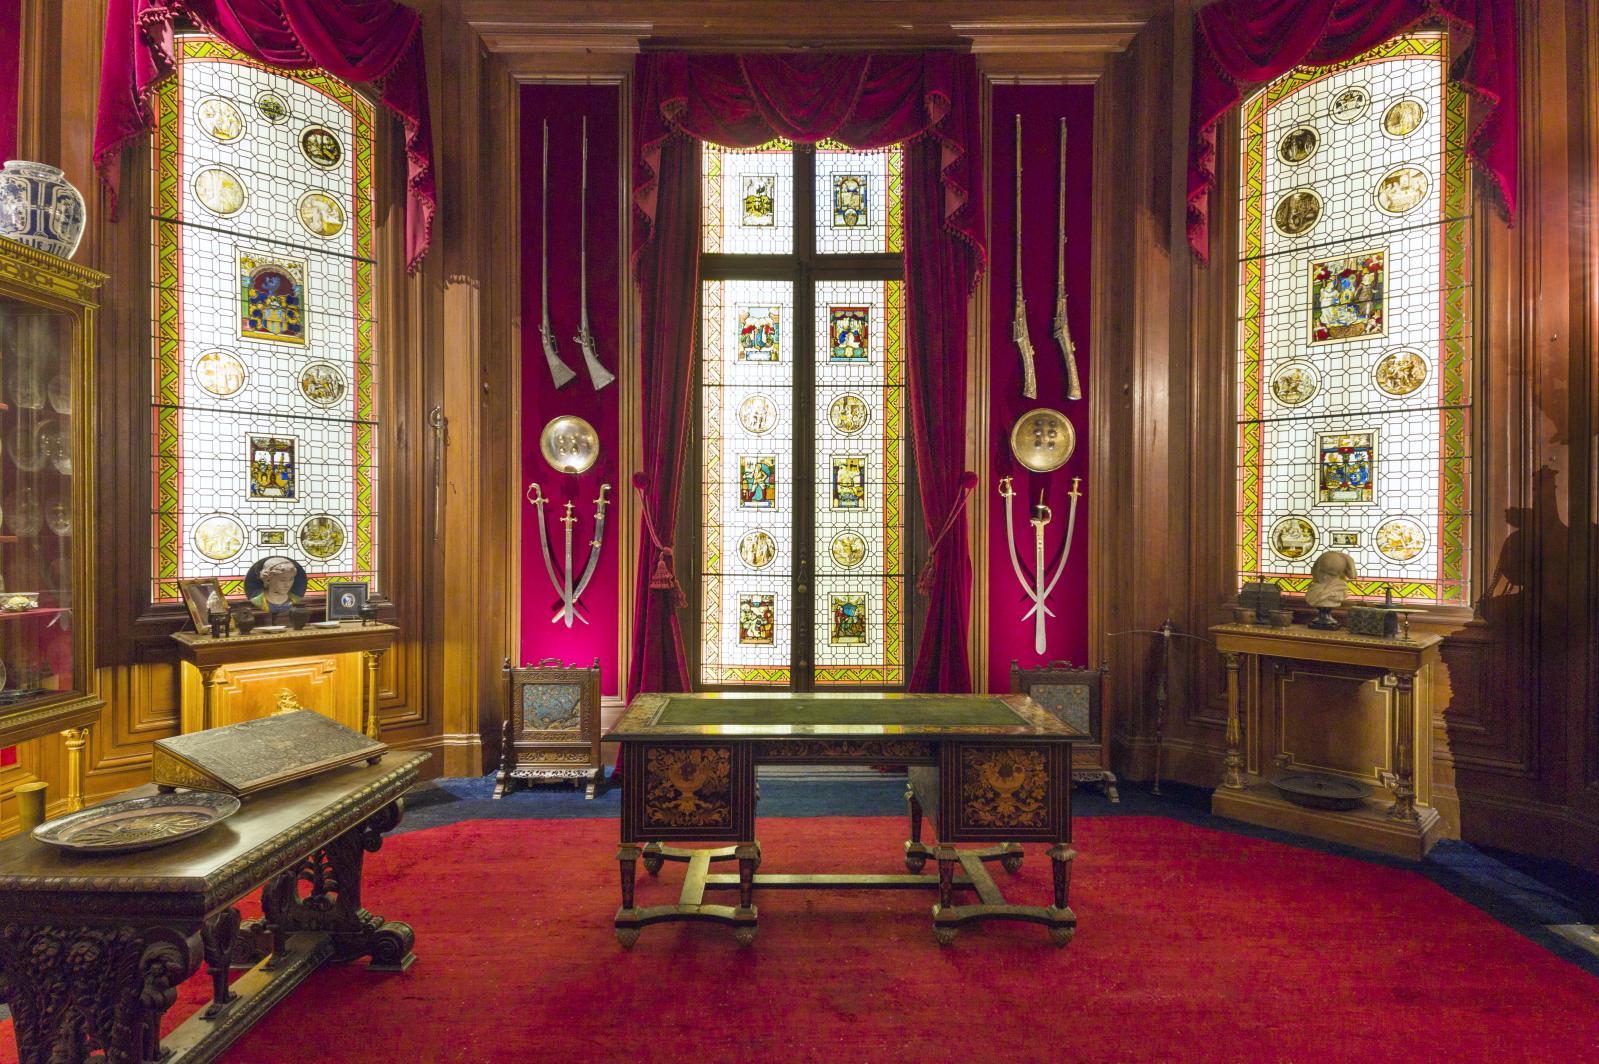 Des vitraux du XVIesiècle ont été incrustés dans les baies vitrées, encadrées d'une collection d'armes. Sur la console, l'Orpheline alsacienne, le ma